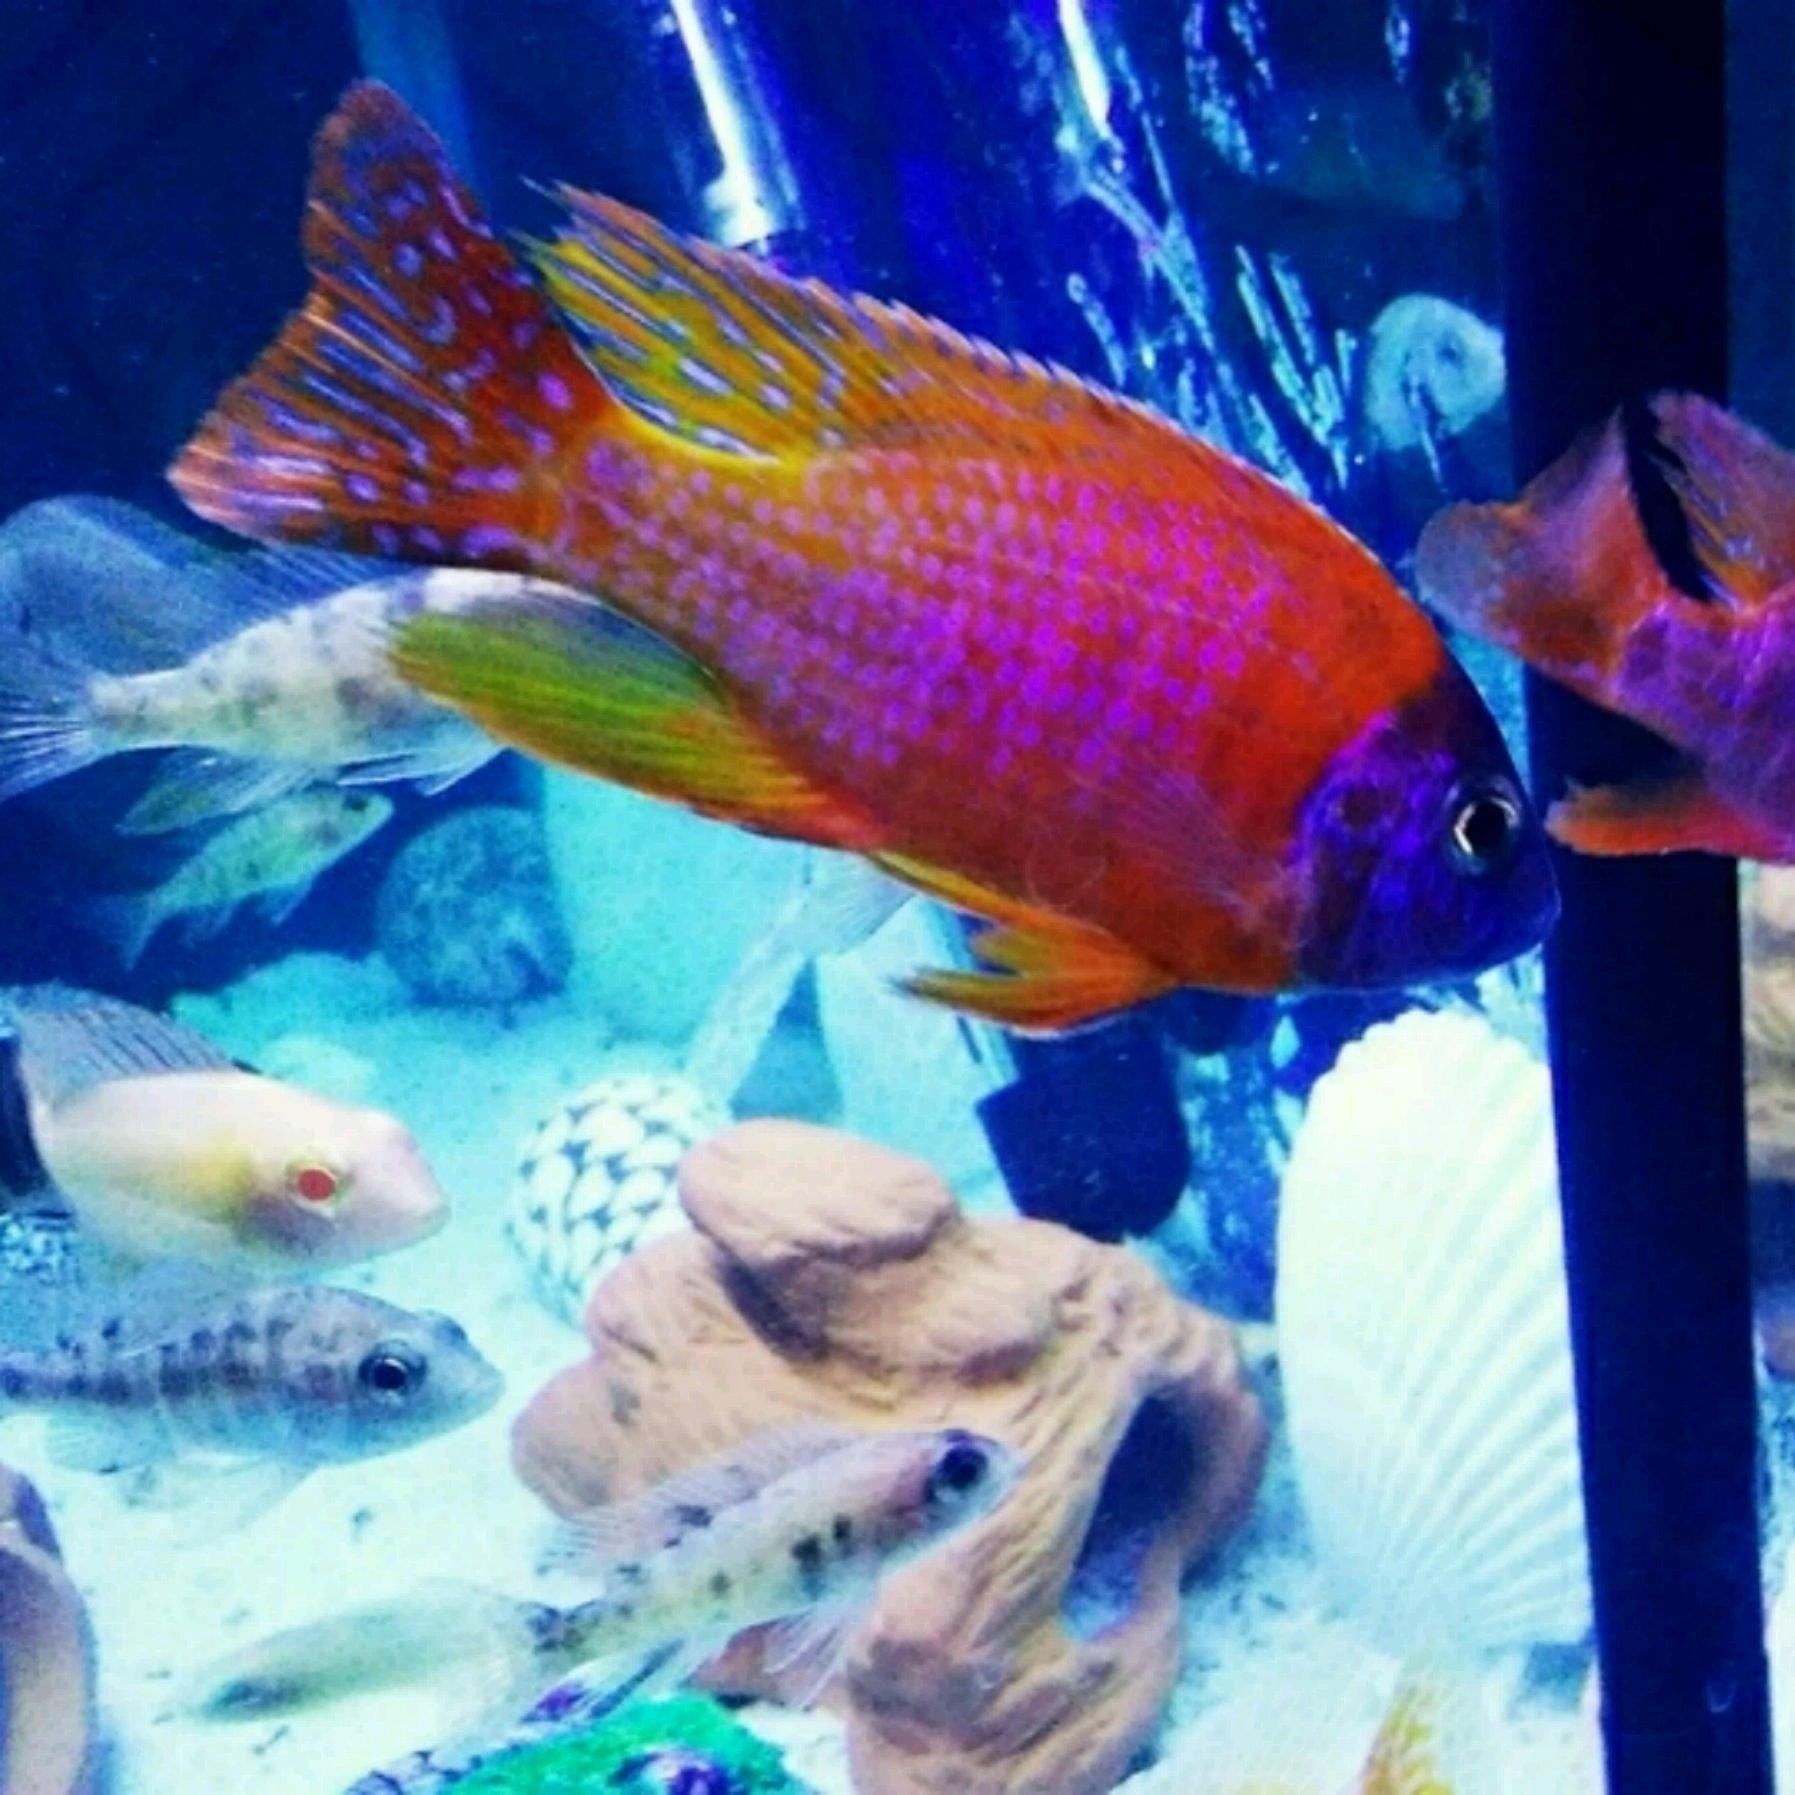 壁纸 动物 海底 海底世界 海洋馆 水族馆 鱼 鱼类 1795_1795